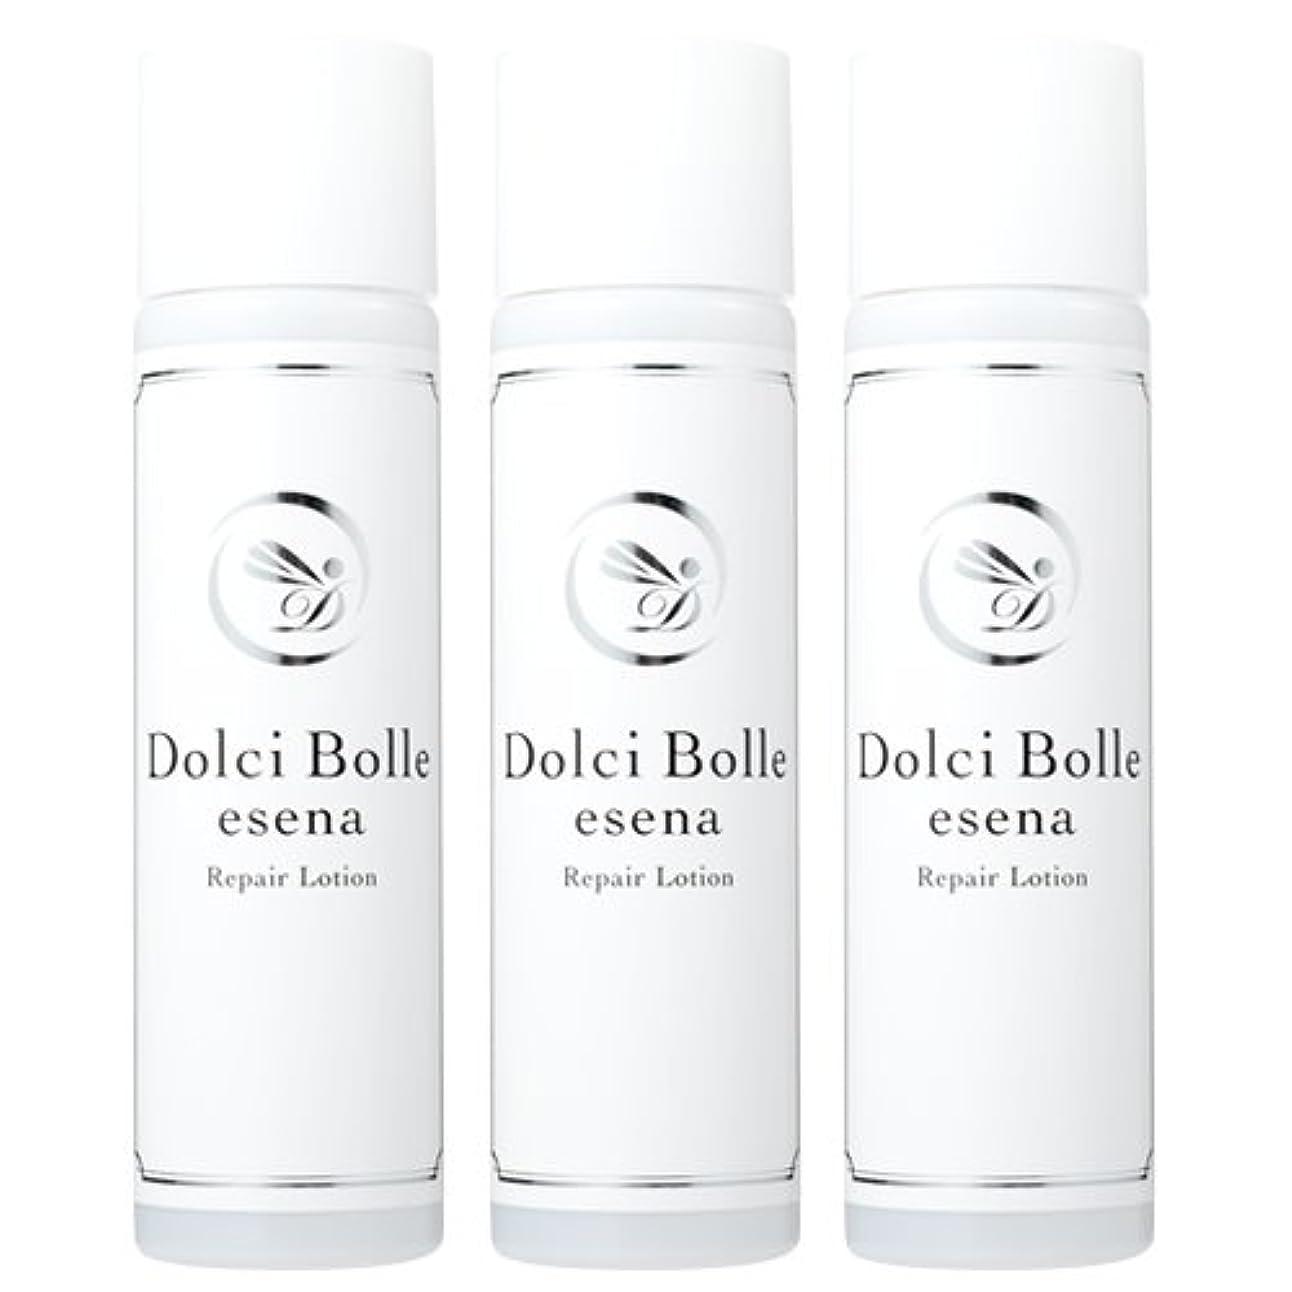 分類一月装置Dolci Bolle(ドルチボーレ) esena(エセナ) リペアローション 150ml 3本セット